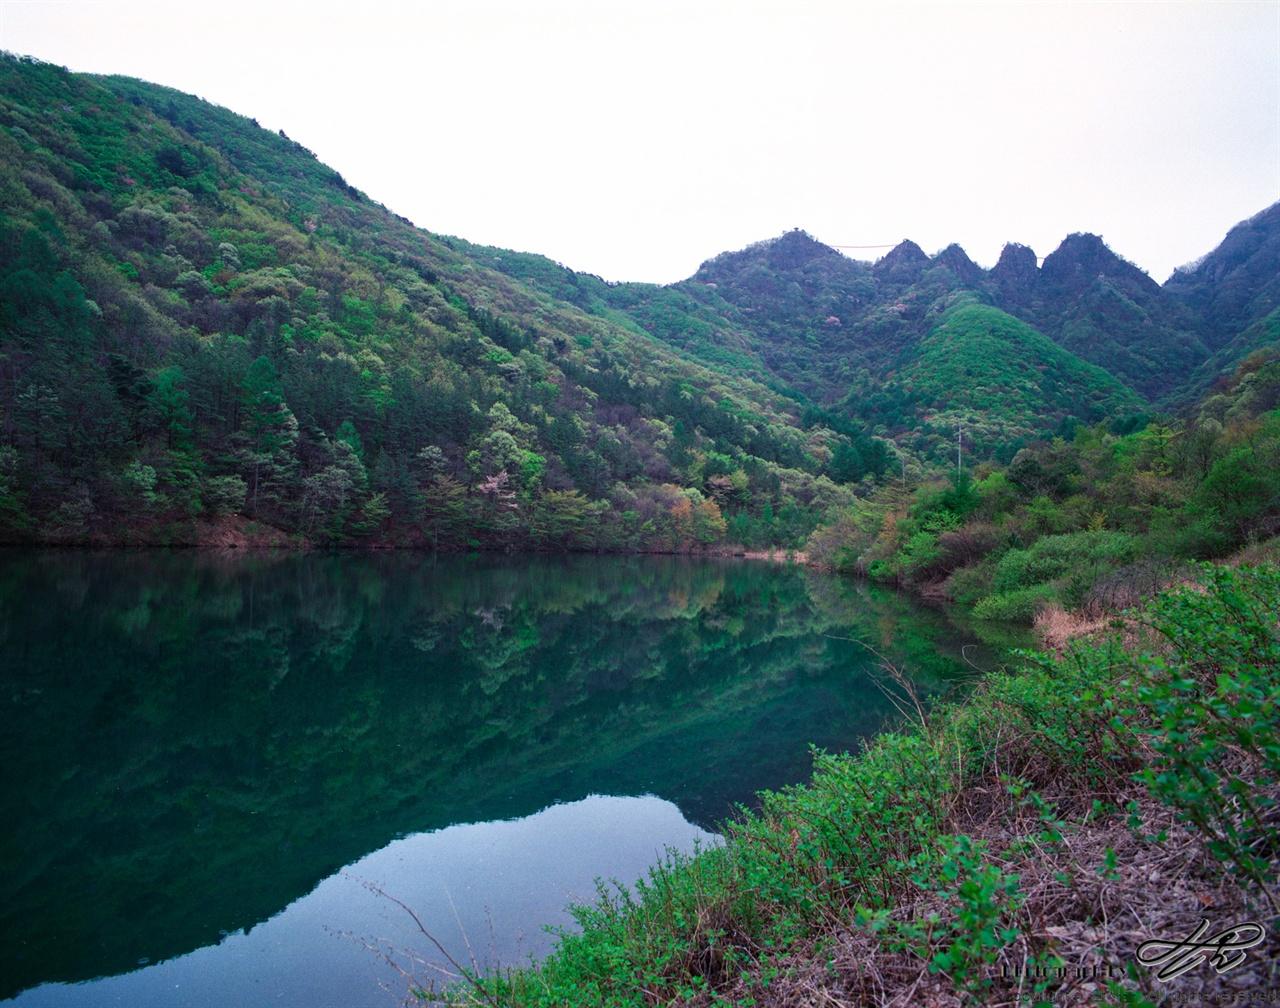 연화제와 구봉산 (Pro400H)구봉산 북쪽에 놓인 작은 저수지. 남쪽을 바라보고 찍기 때문에 역광이 심하다. 역시 다양한 색깔이 산의 경사면을 수놓고 있다.